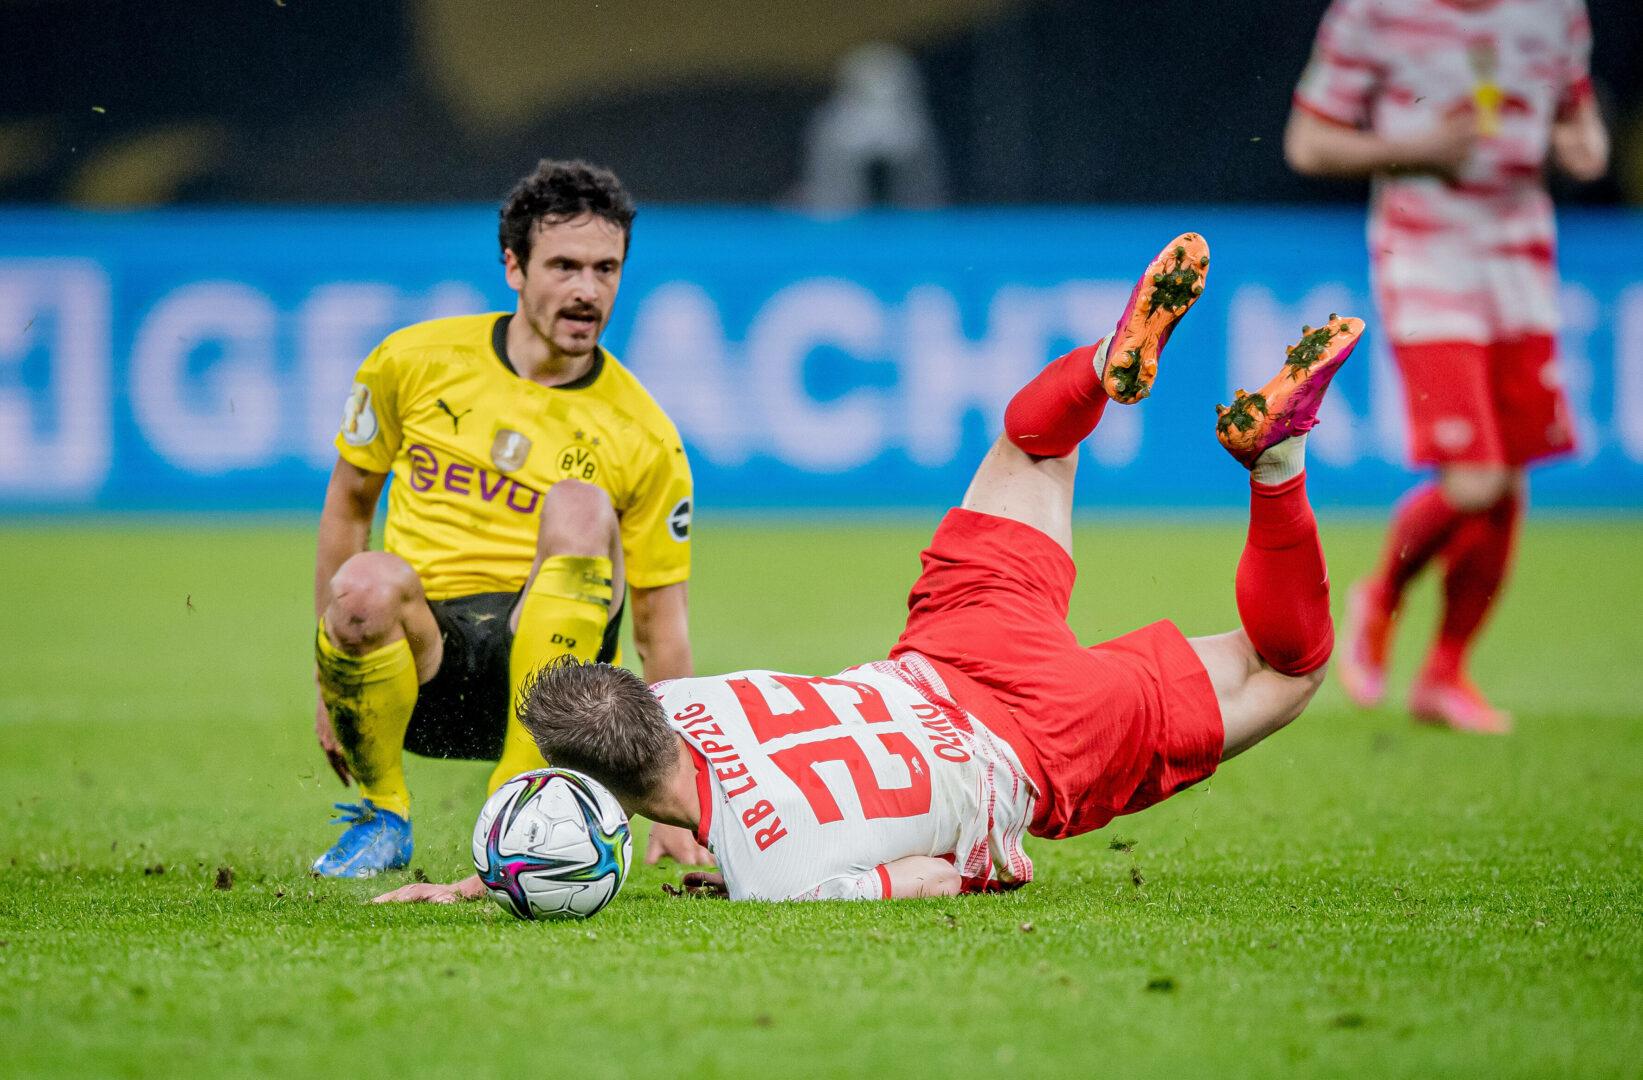 Delaney wechselt zum FC Sevilla